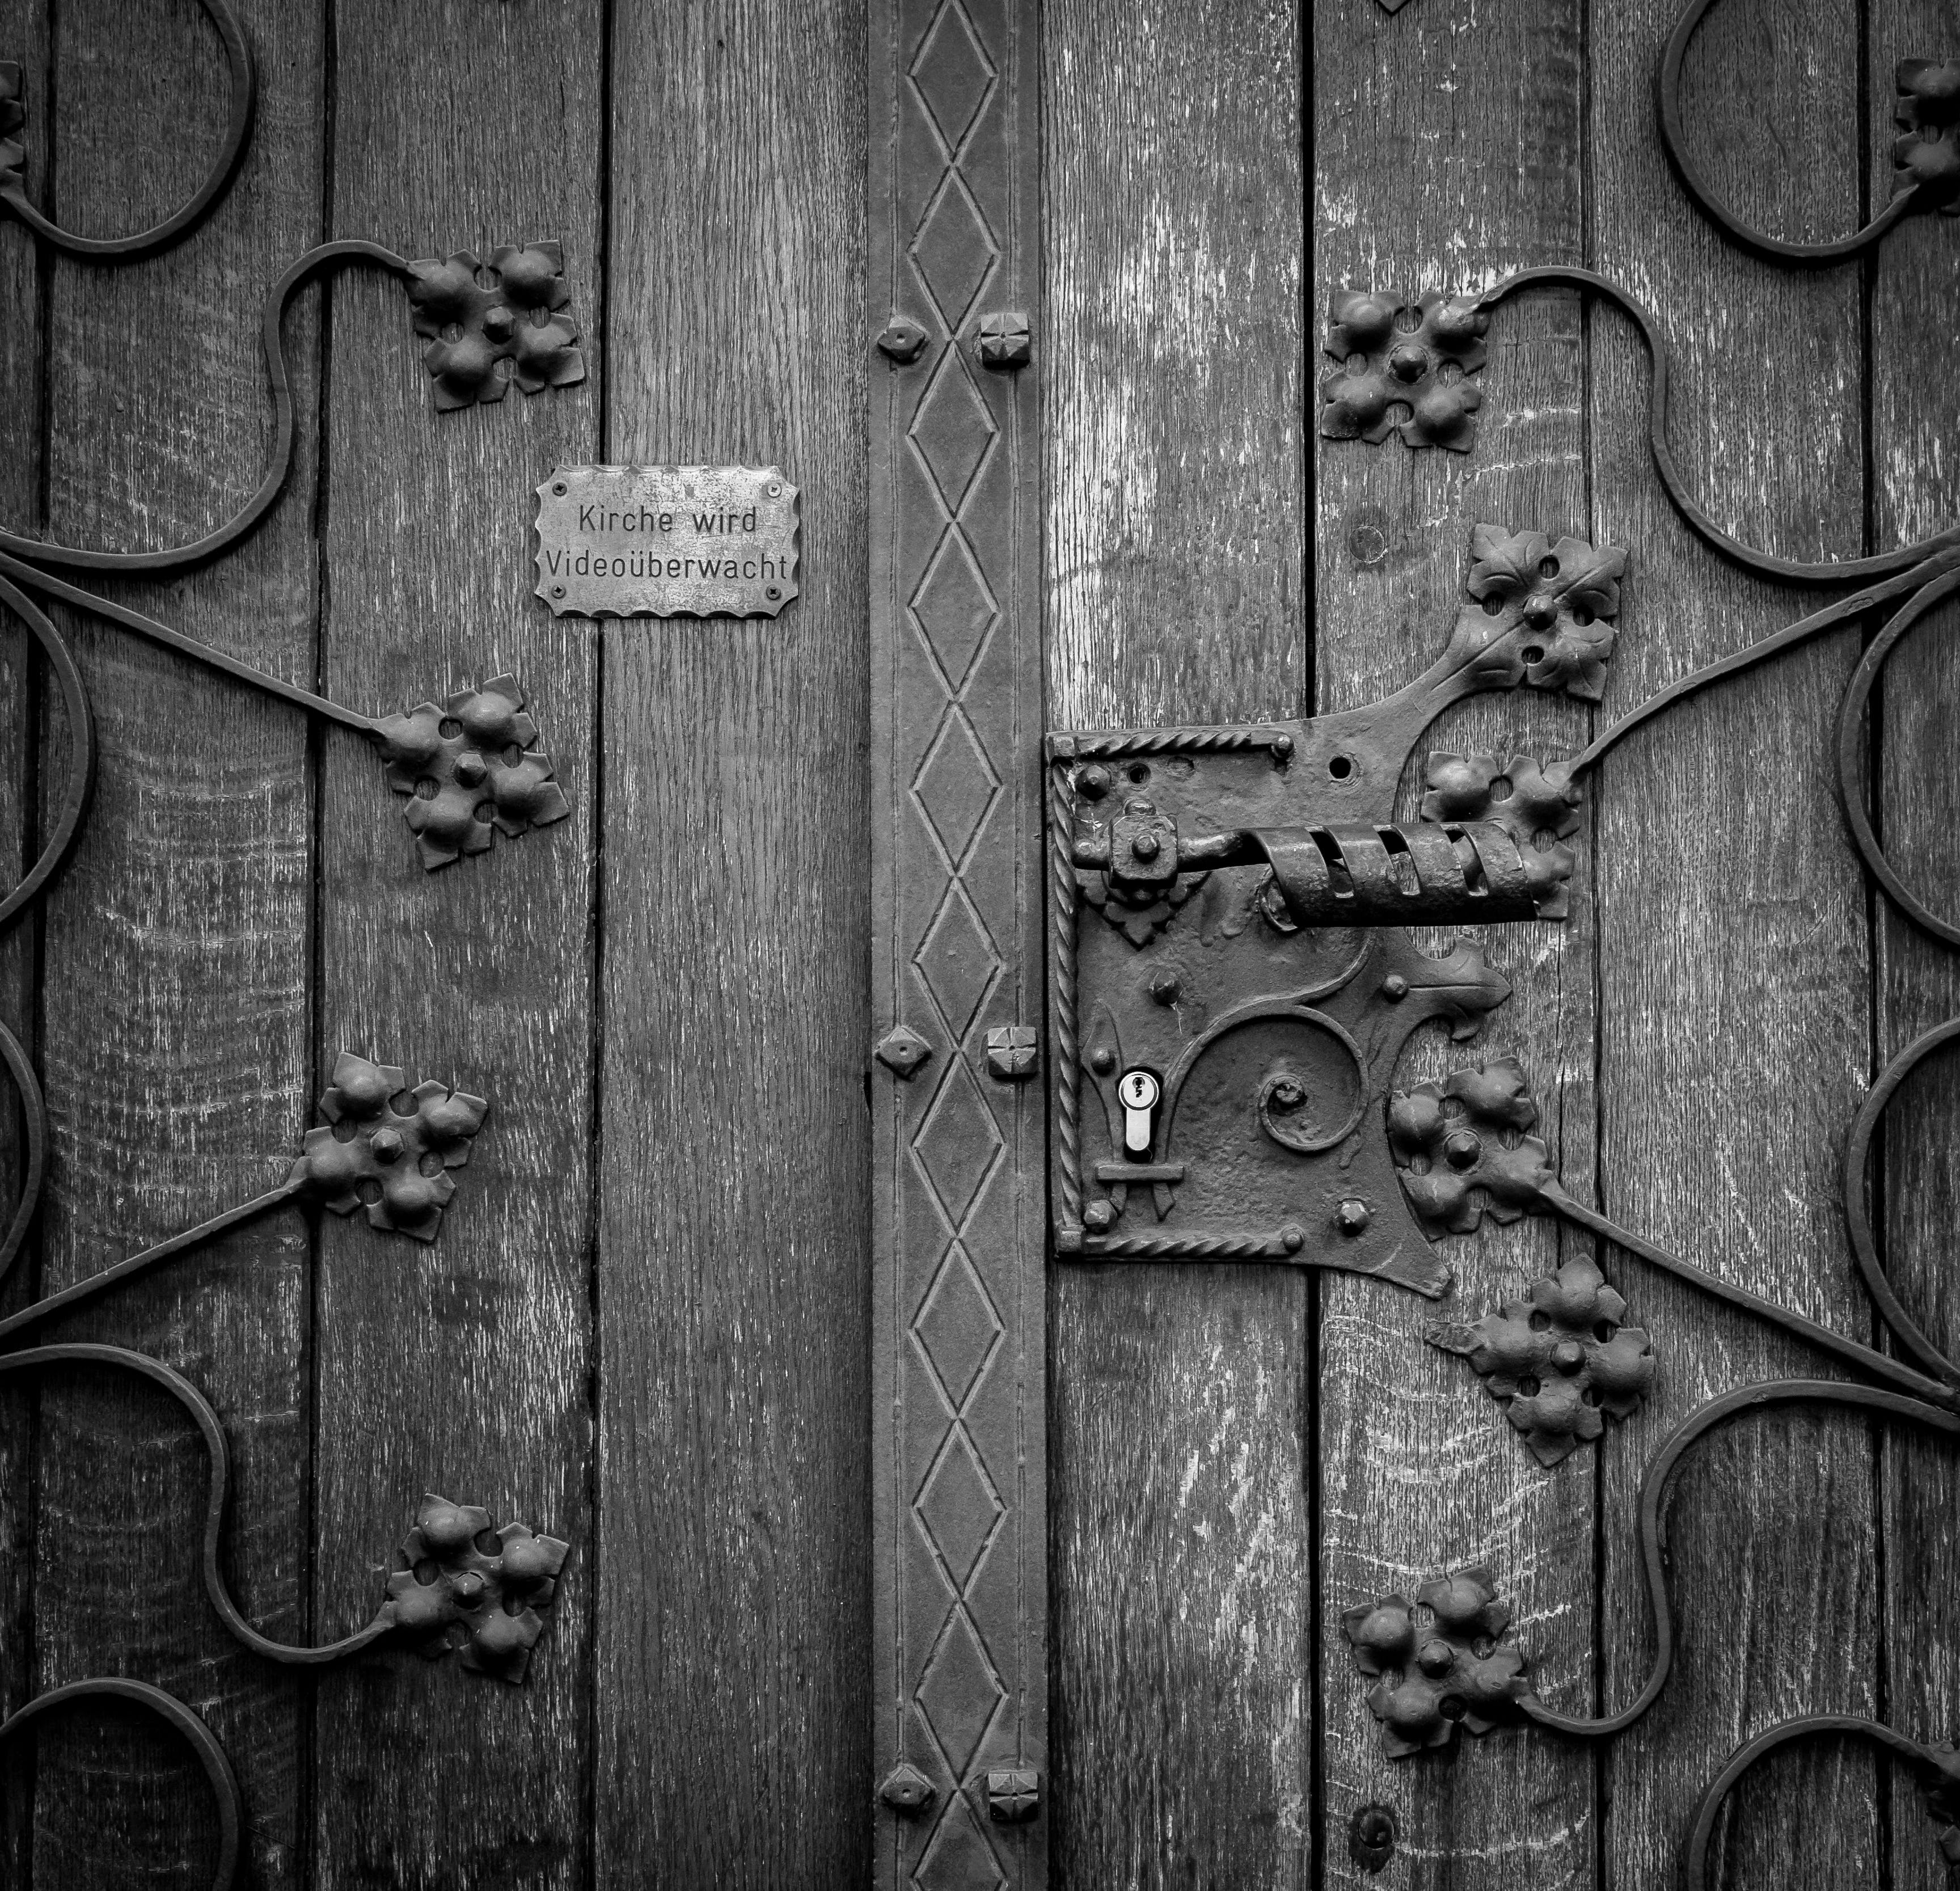 Wooden Door in Grayscale Photography